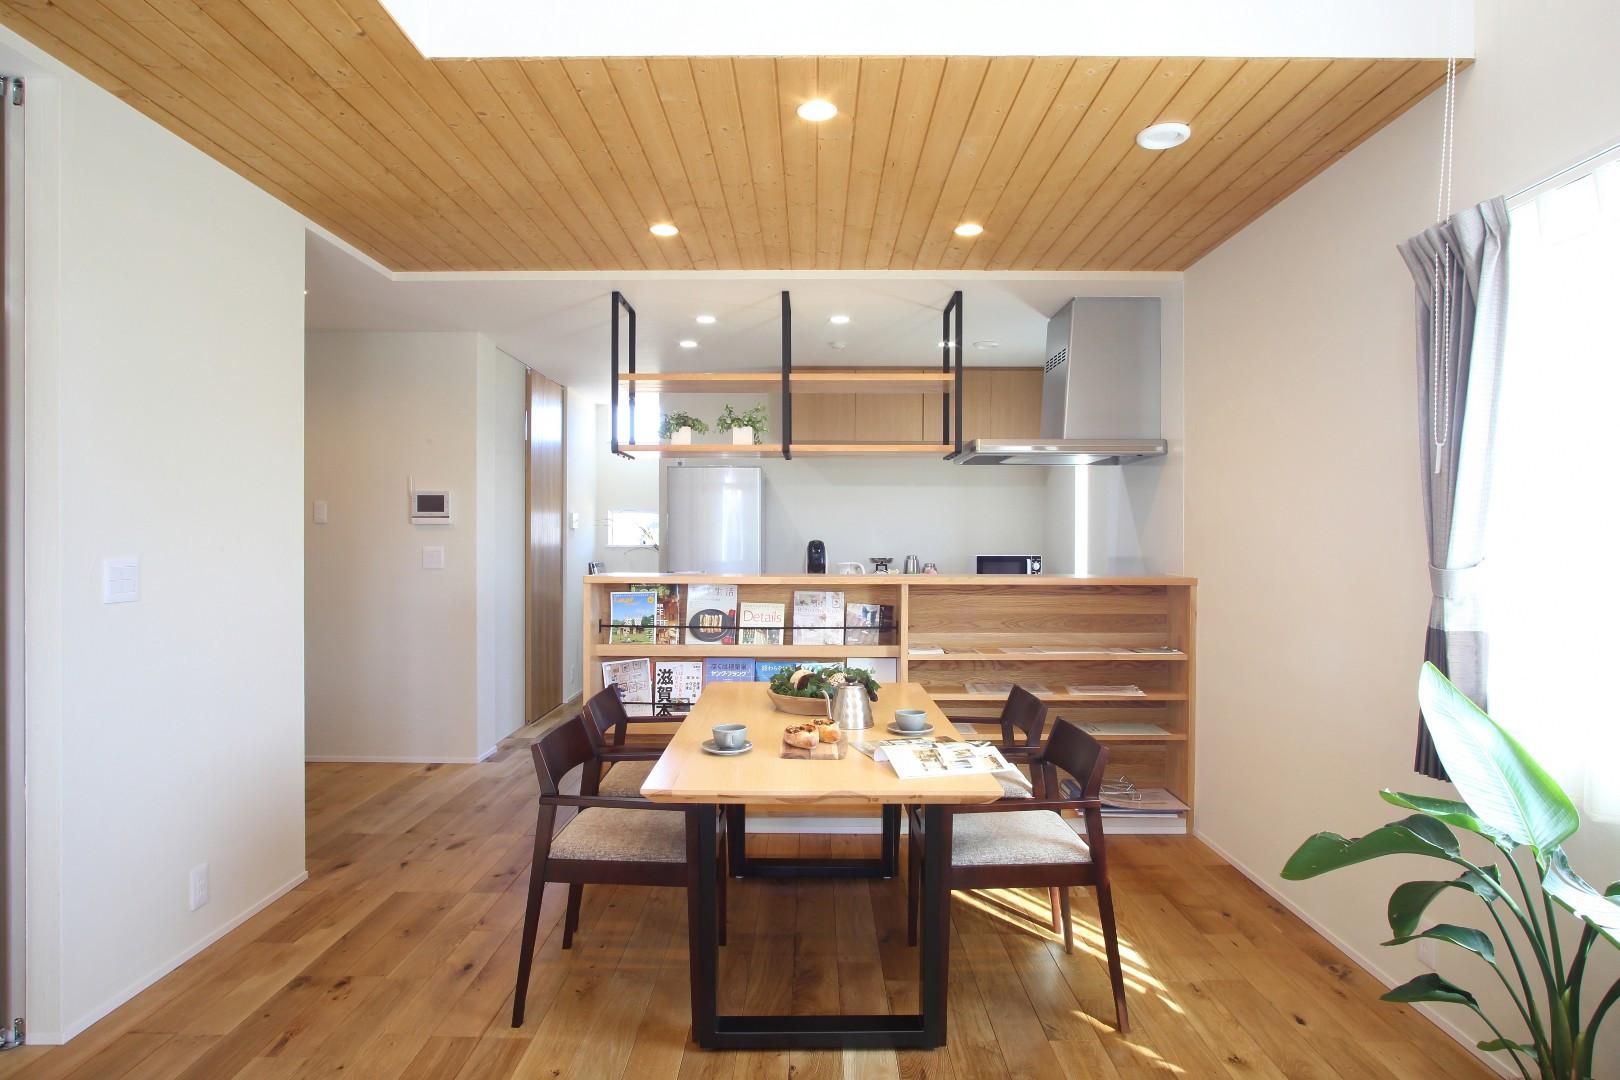 うちカフェデザインの家 アイキャッチ画像